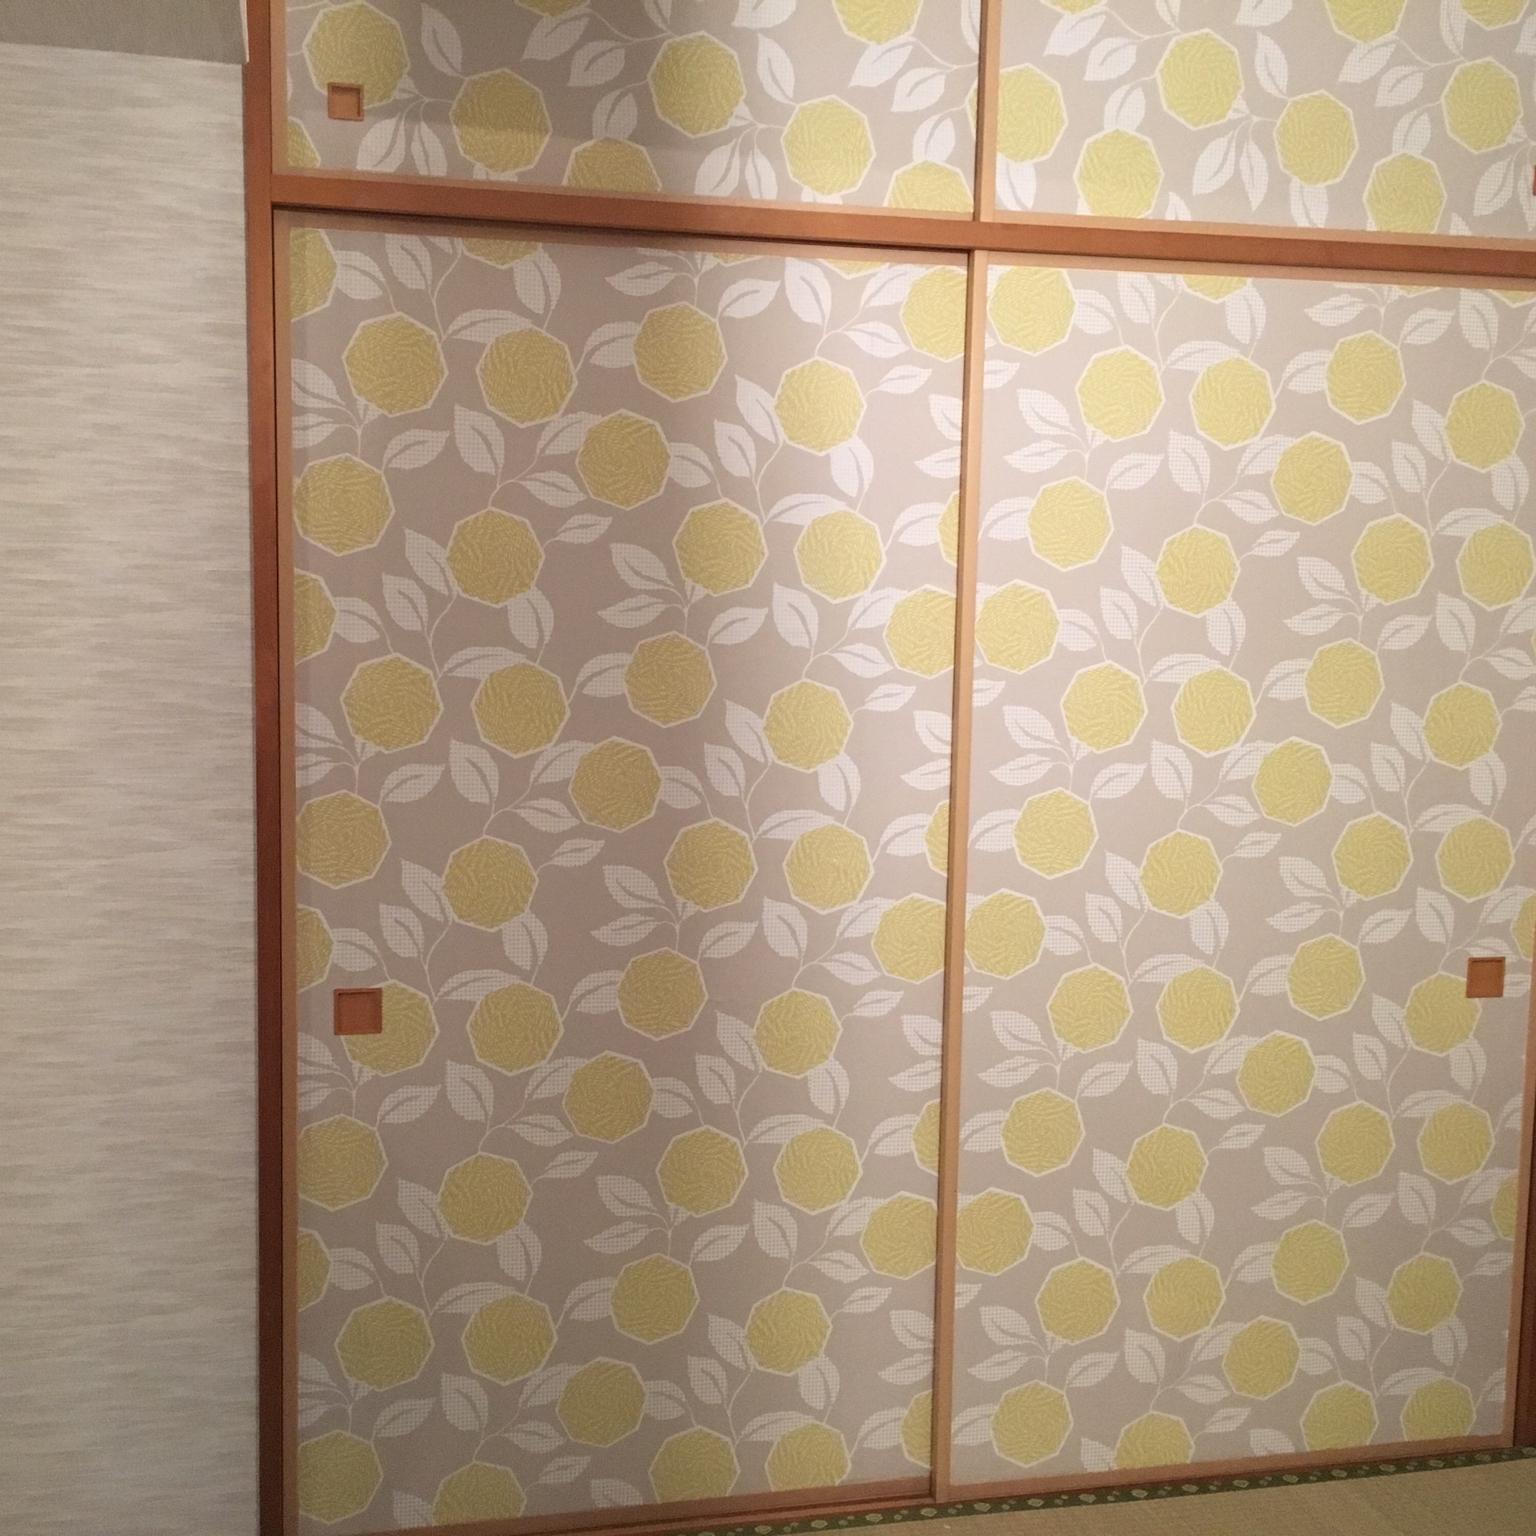 自分で張替え自由自在 モダンでお洒落な襖 簡単 襖の張替え術